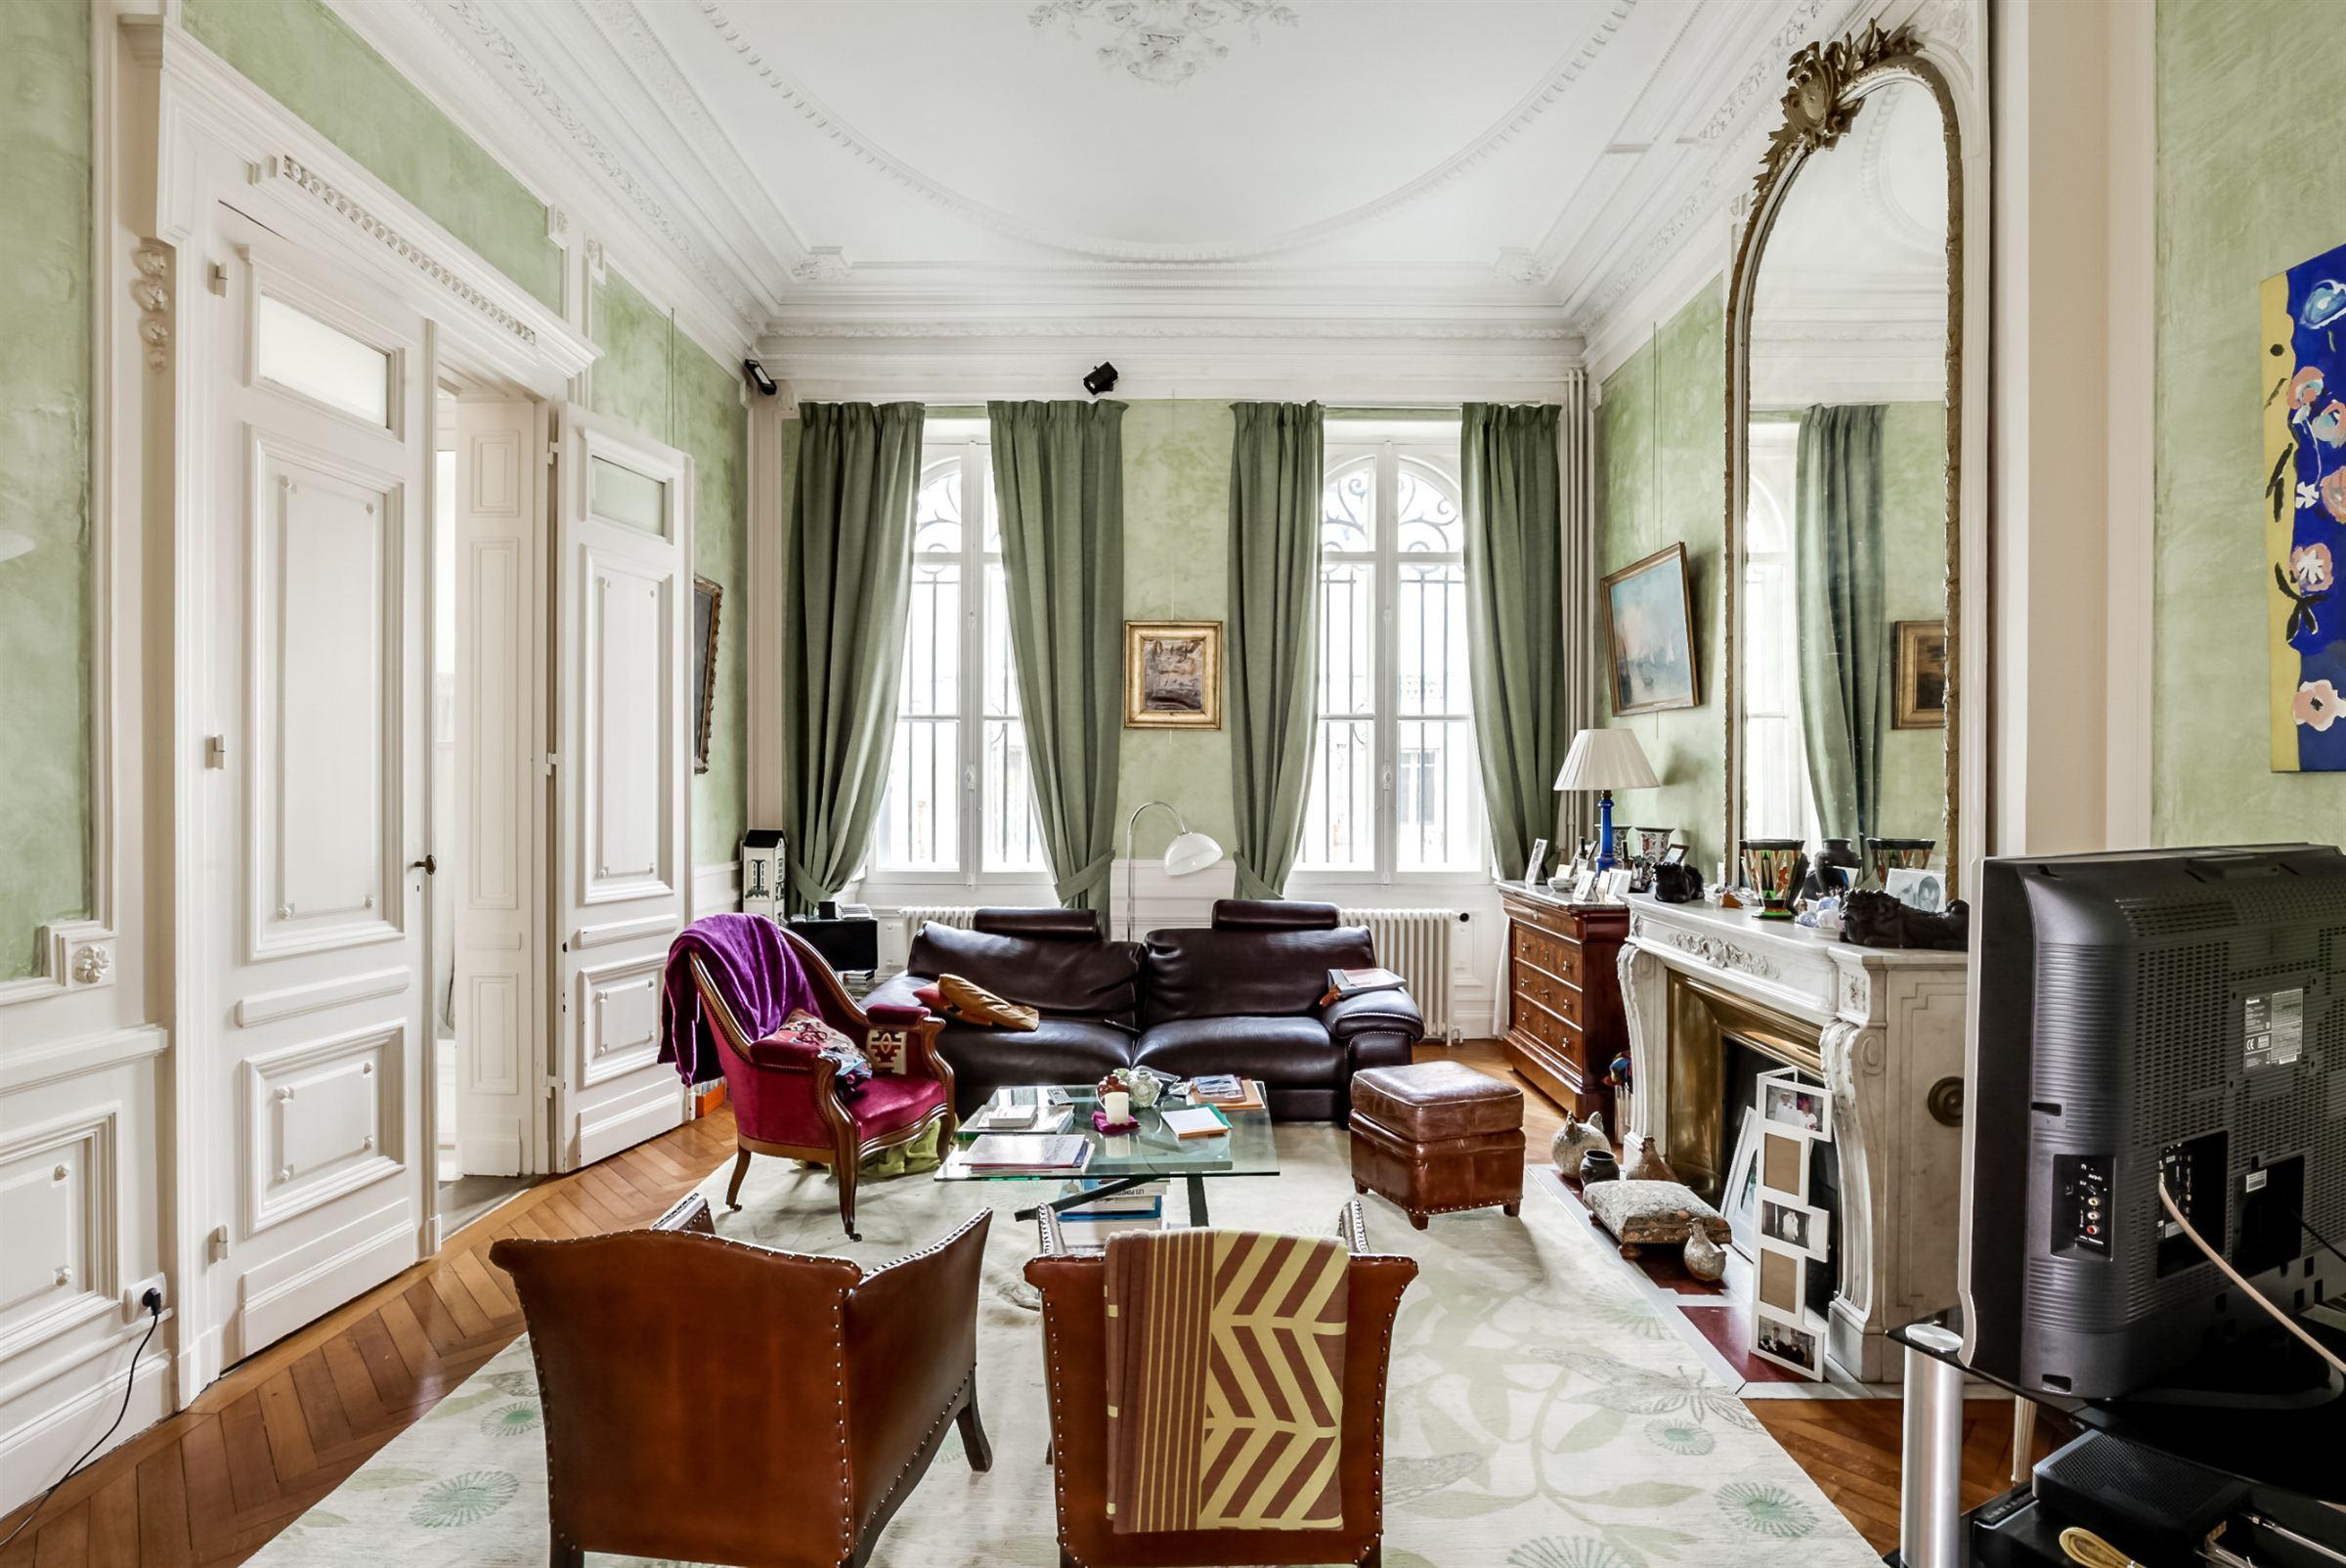 단독 가정 주택 용 매매 에 BORDEAUX - CROIX DE SEGUEY - BEAUTIFUL ONE FAMILY STONE TOWNHOUSE Bordeaux, 아키텐주 33000 프랑스